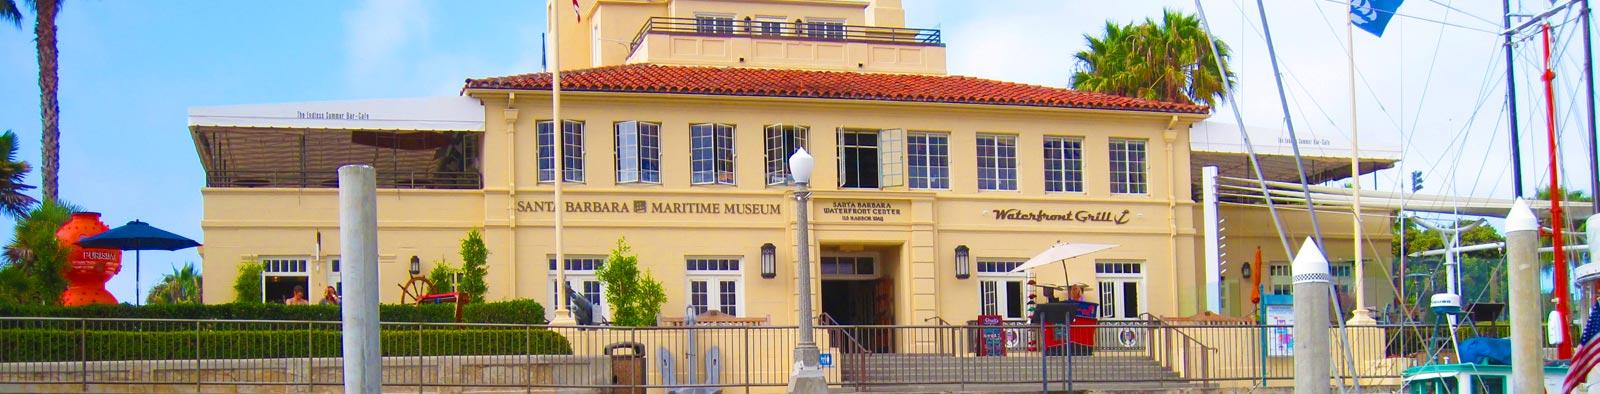 Exterior View of the Santa Barbara Maritime Museum